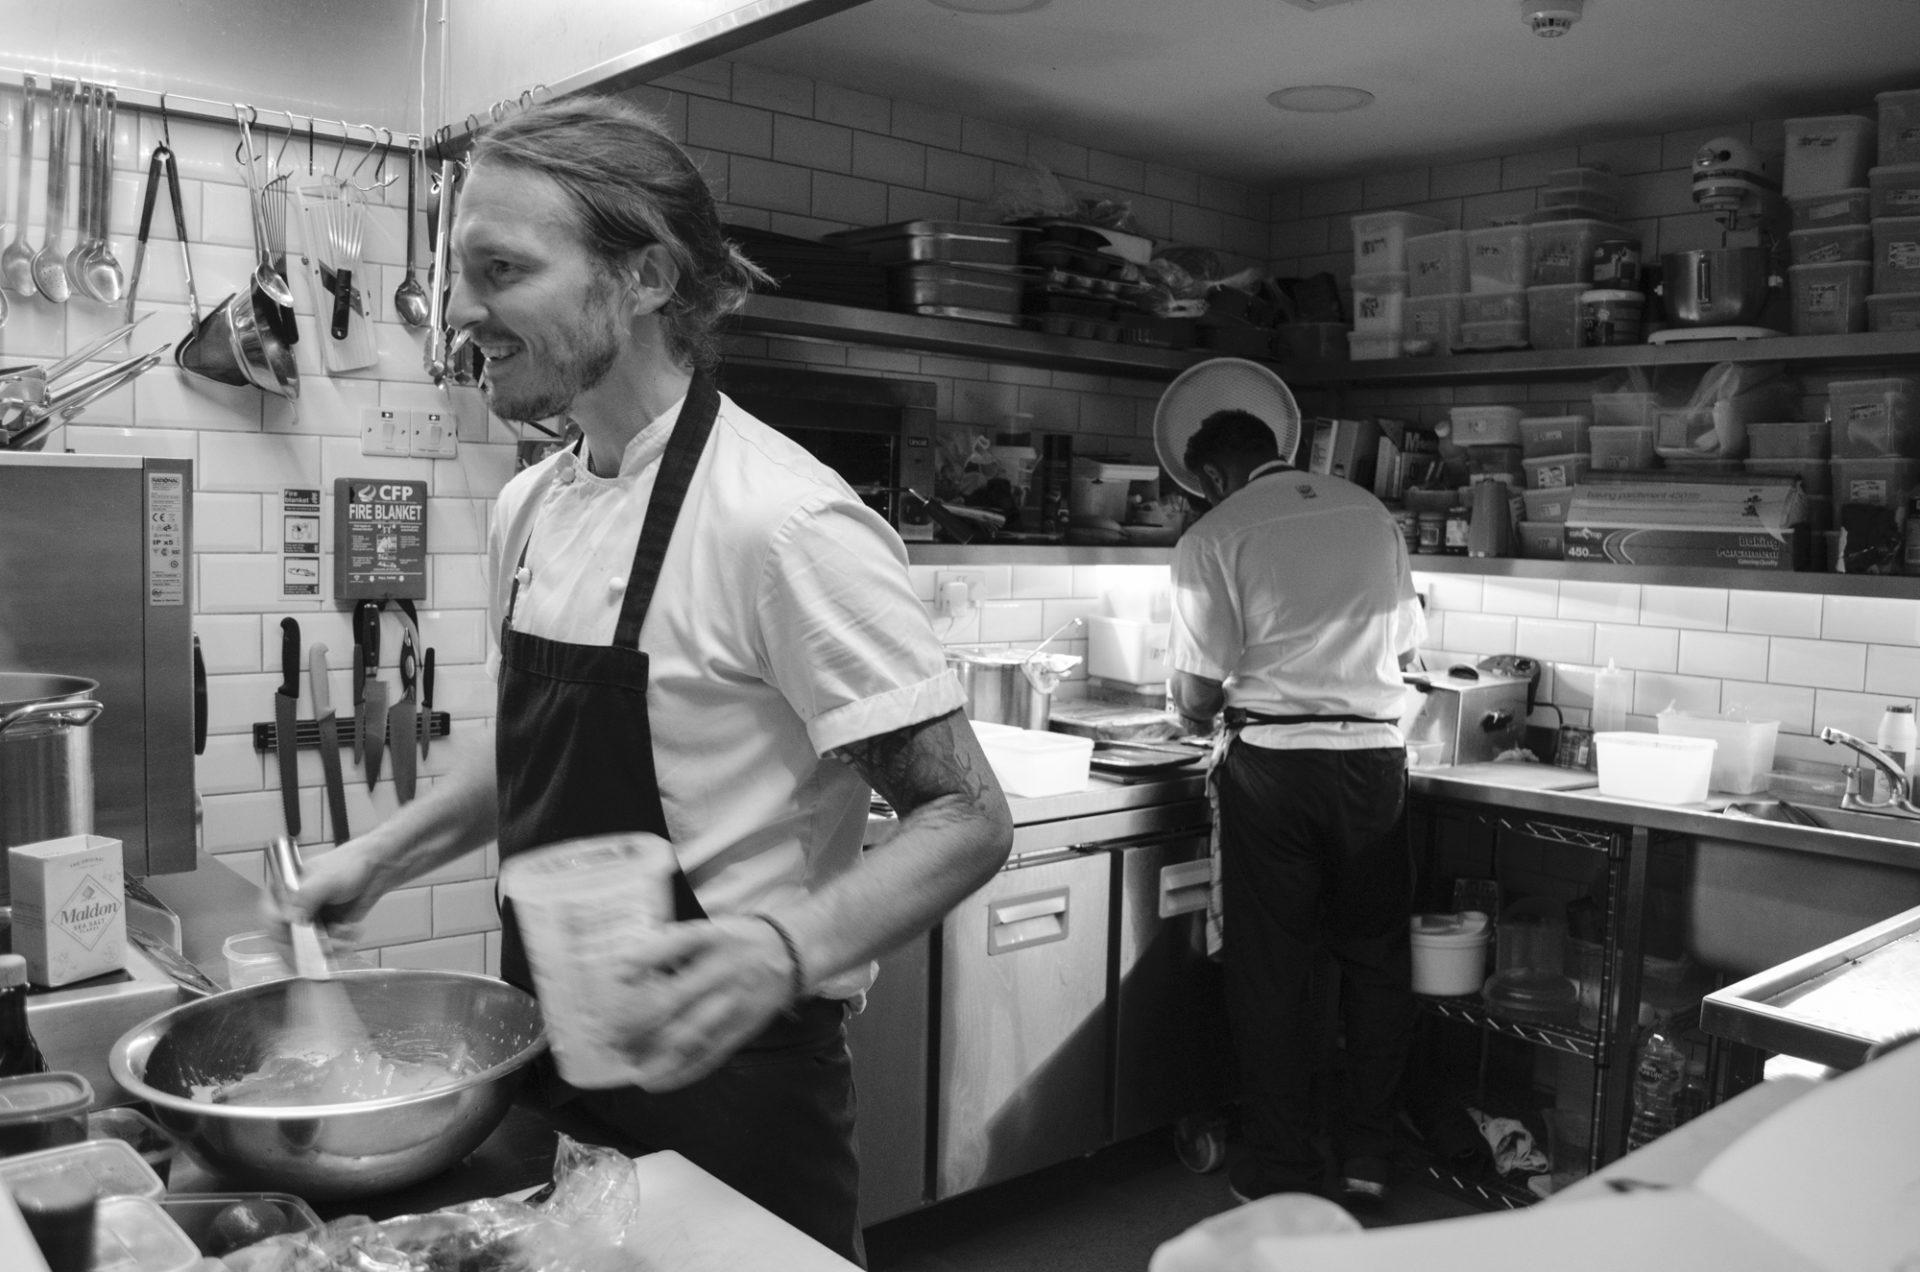 Chef Ian Swainson of Amarillo in the kitchen in Brighton